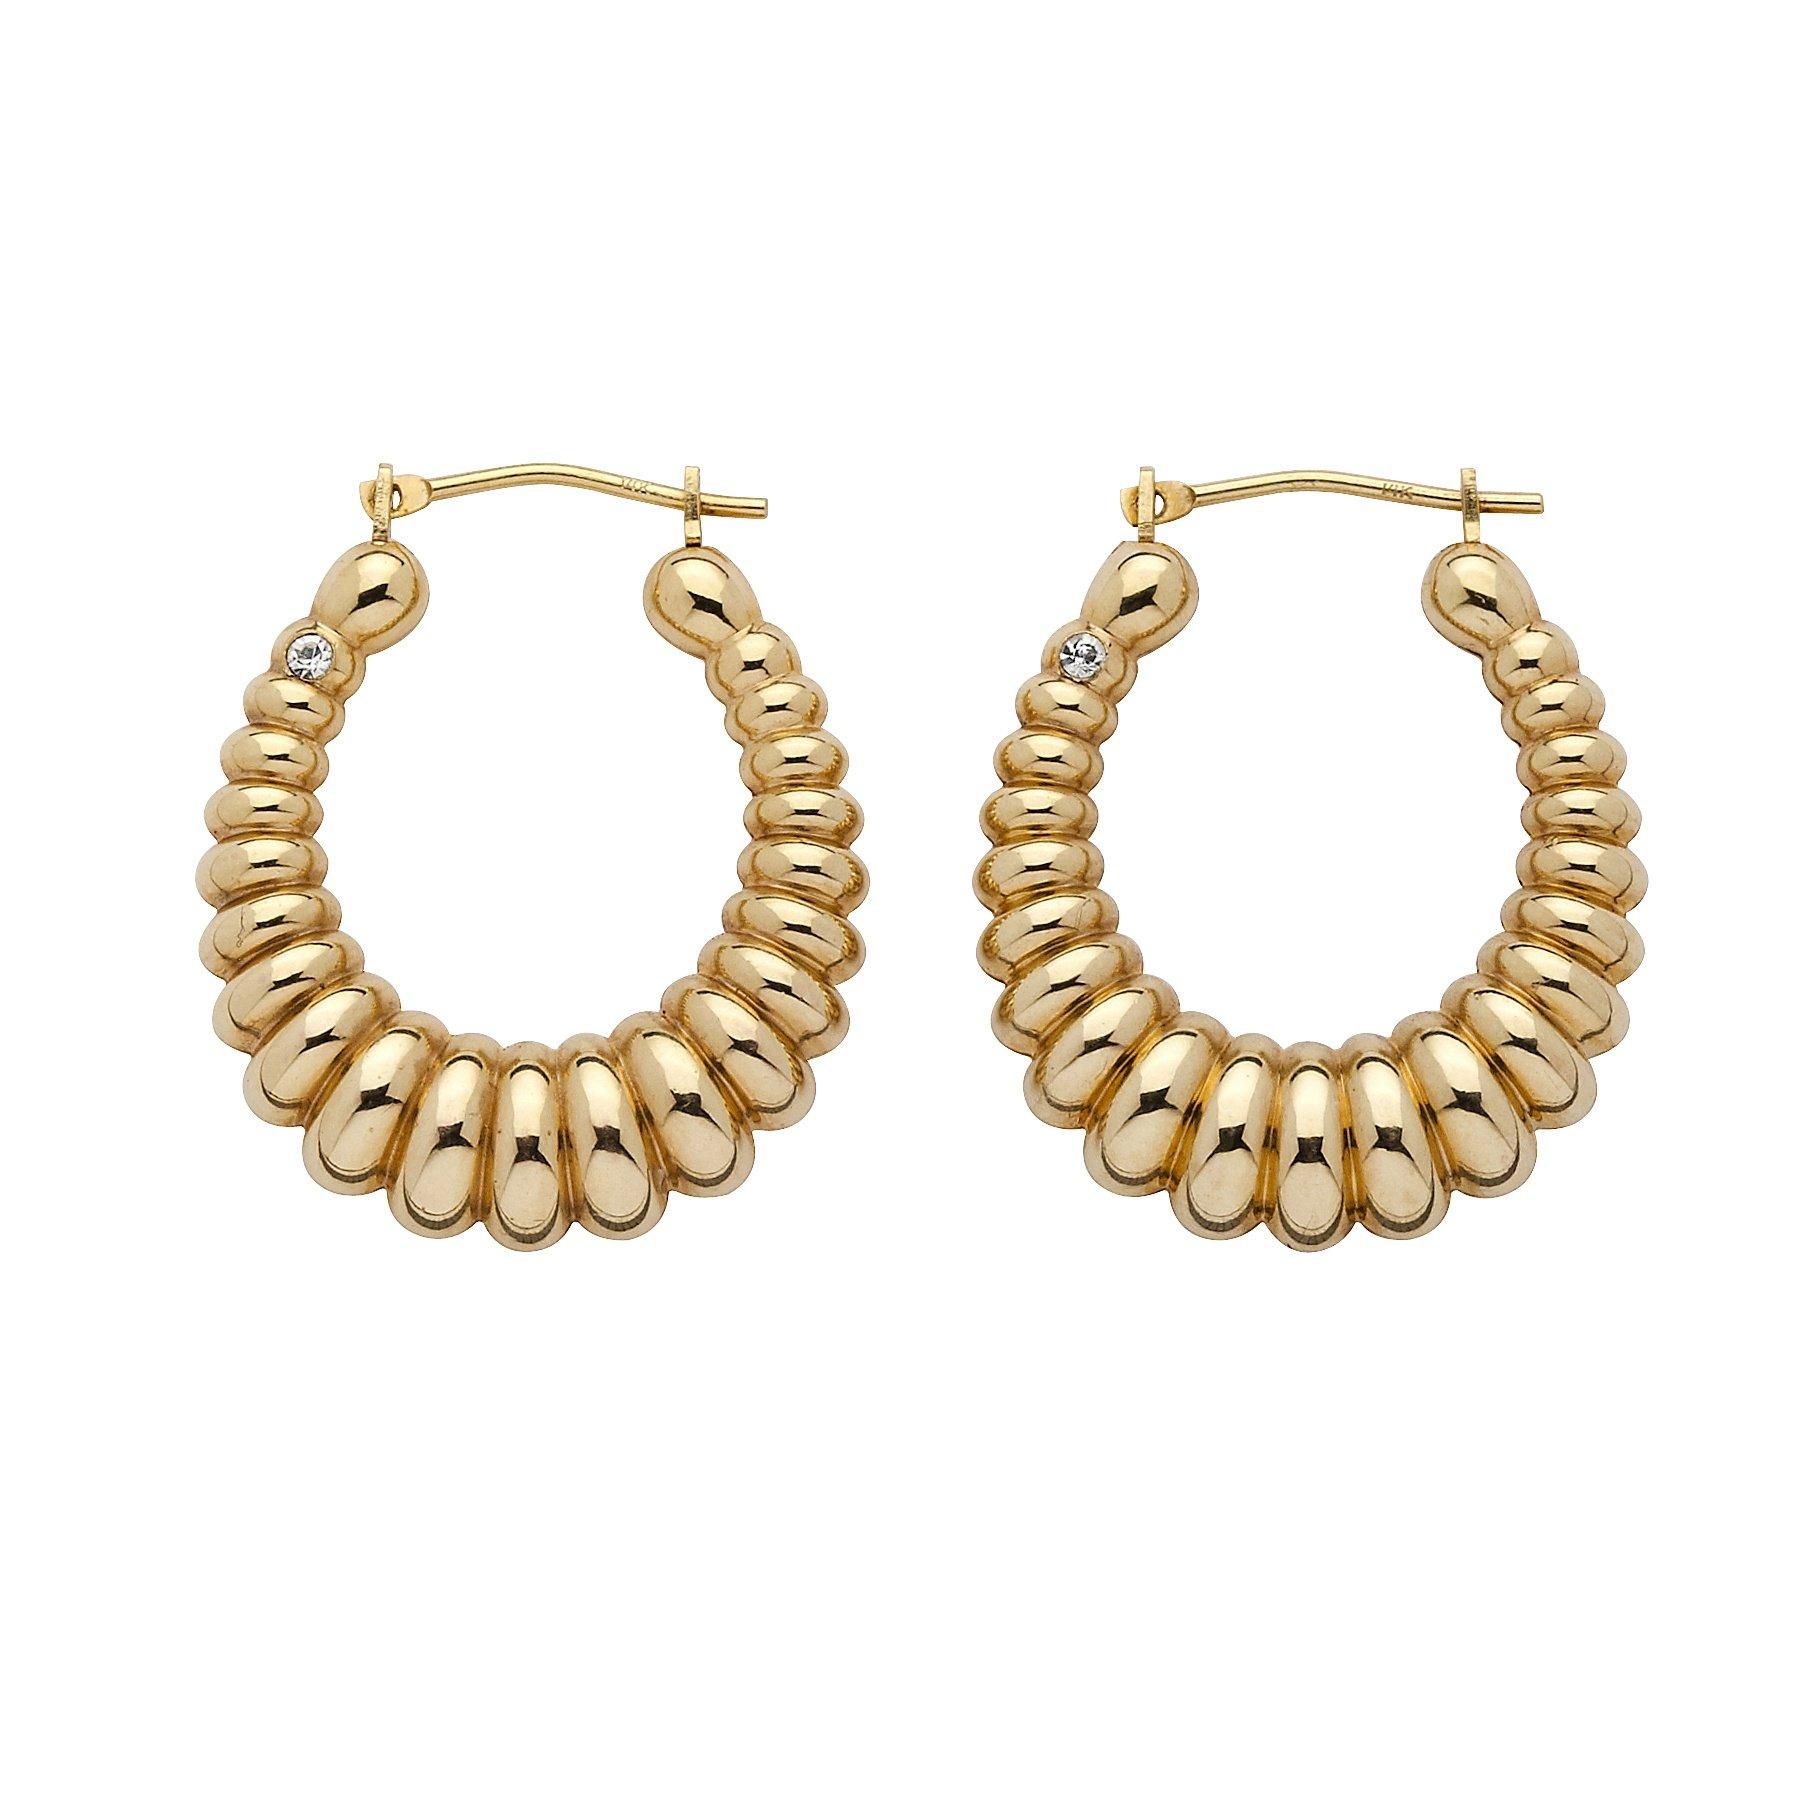 14K Yellow Gold Shrimp Style Nano Diamond Resin Filled Hoop Earrings (24.5mm)